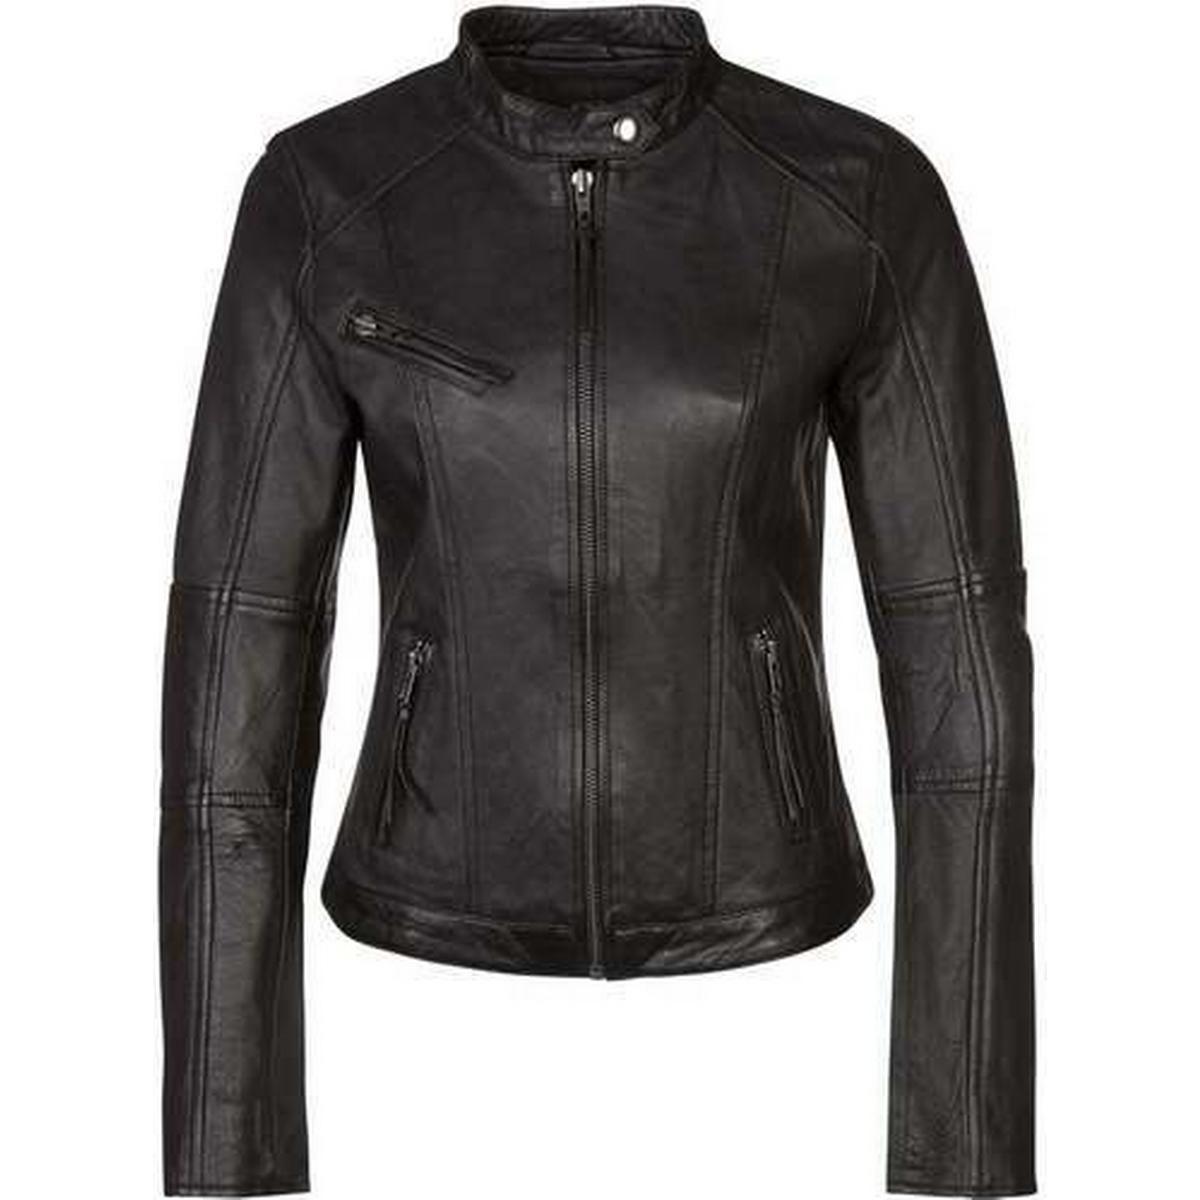 Mbym jakke dametøj Dametøj • Find billigste pris hos